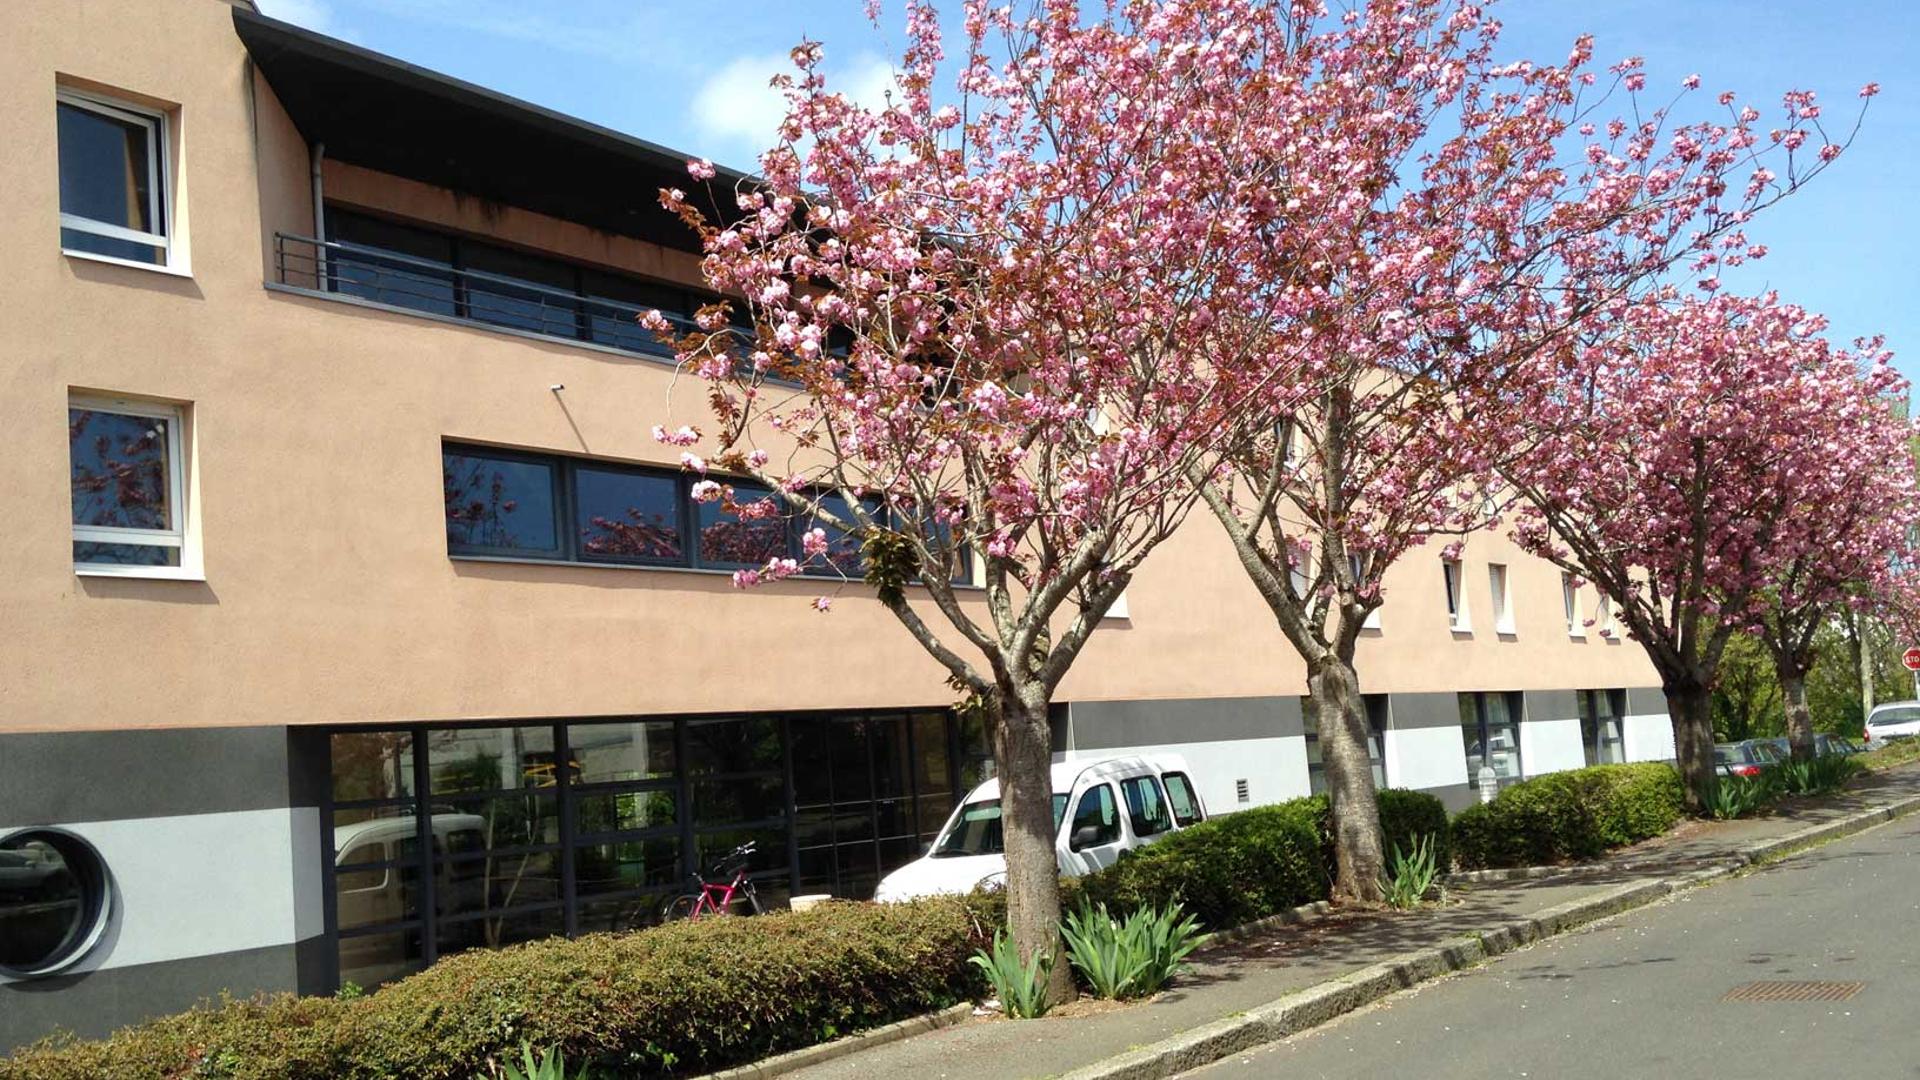 Le Centre de Soins de Suites et Réadaptation Addictologie (CSSRA) L'Avancée de Saint-Brieuc (22)